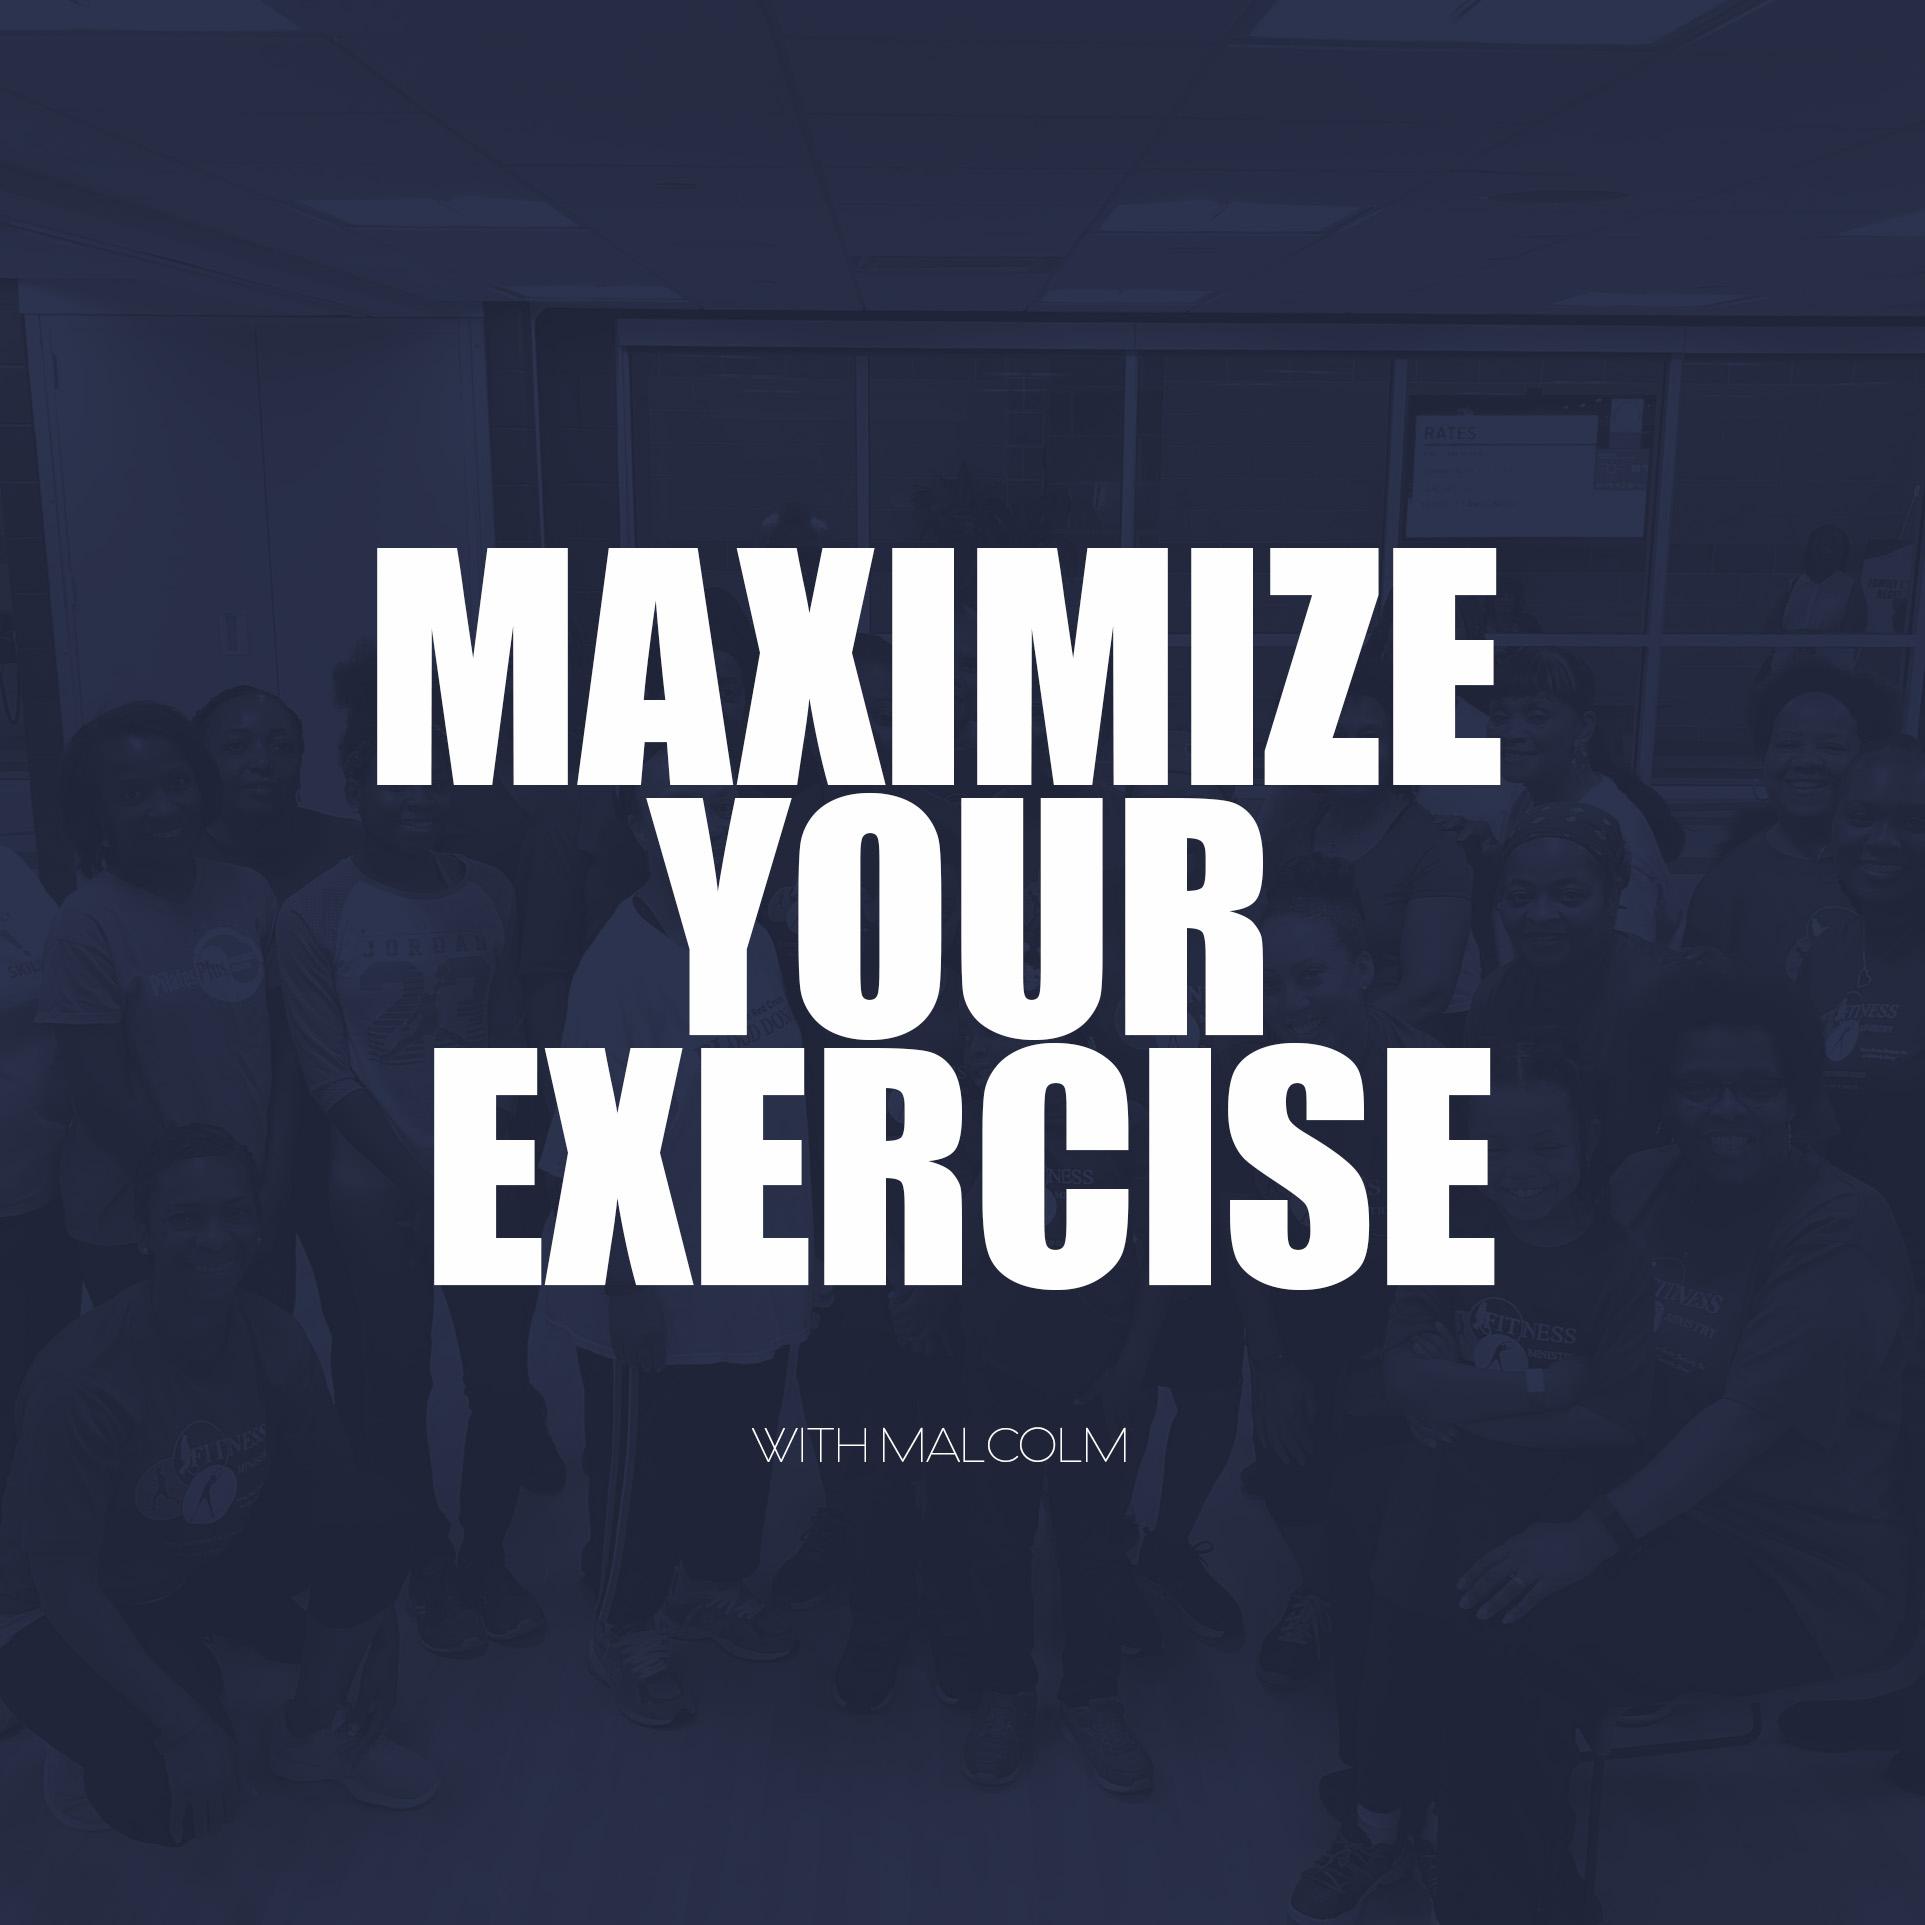 Maximize Exsc.jpg